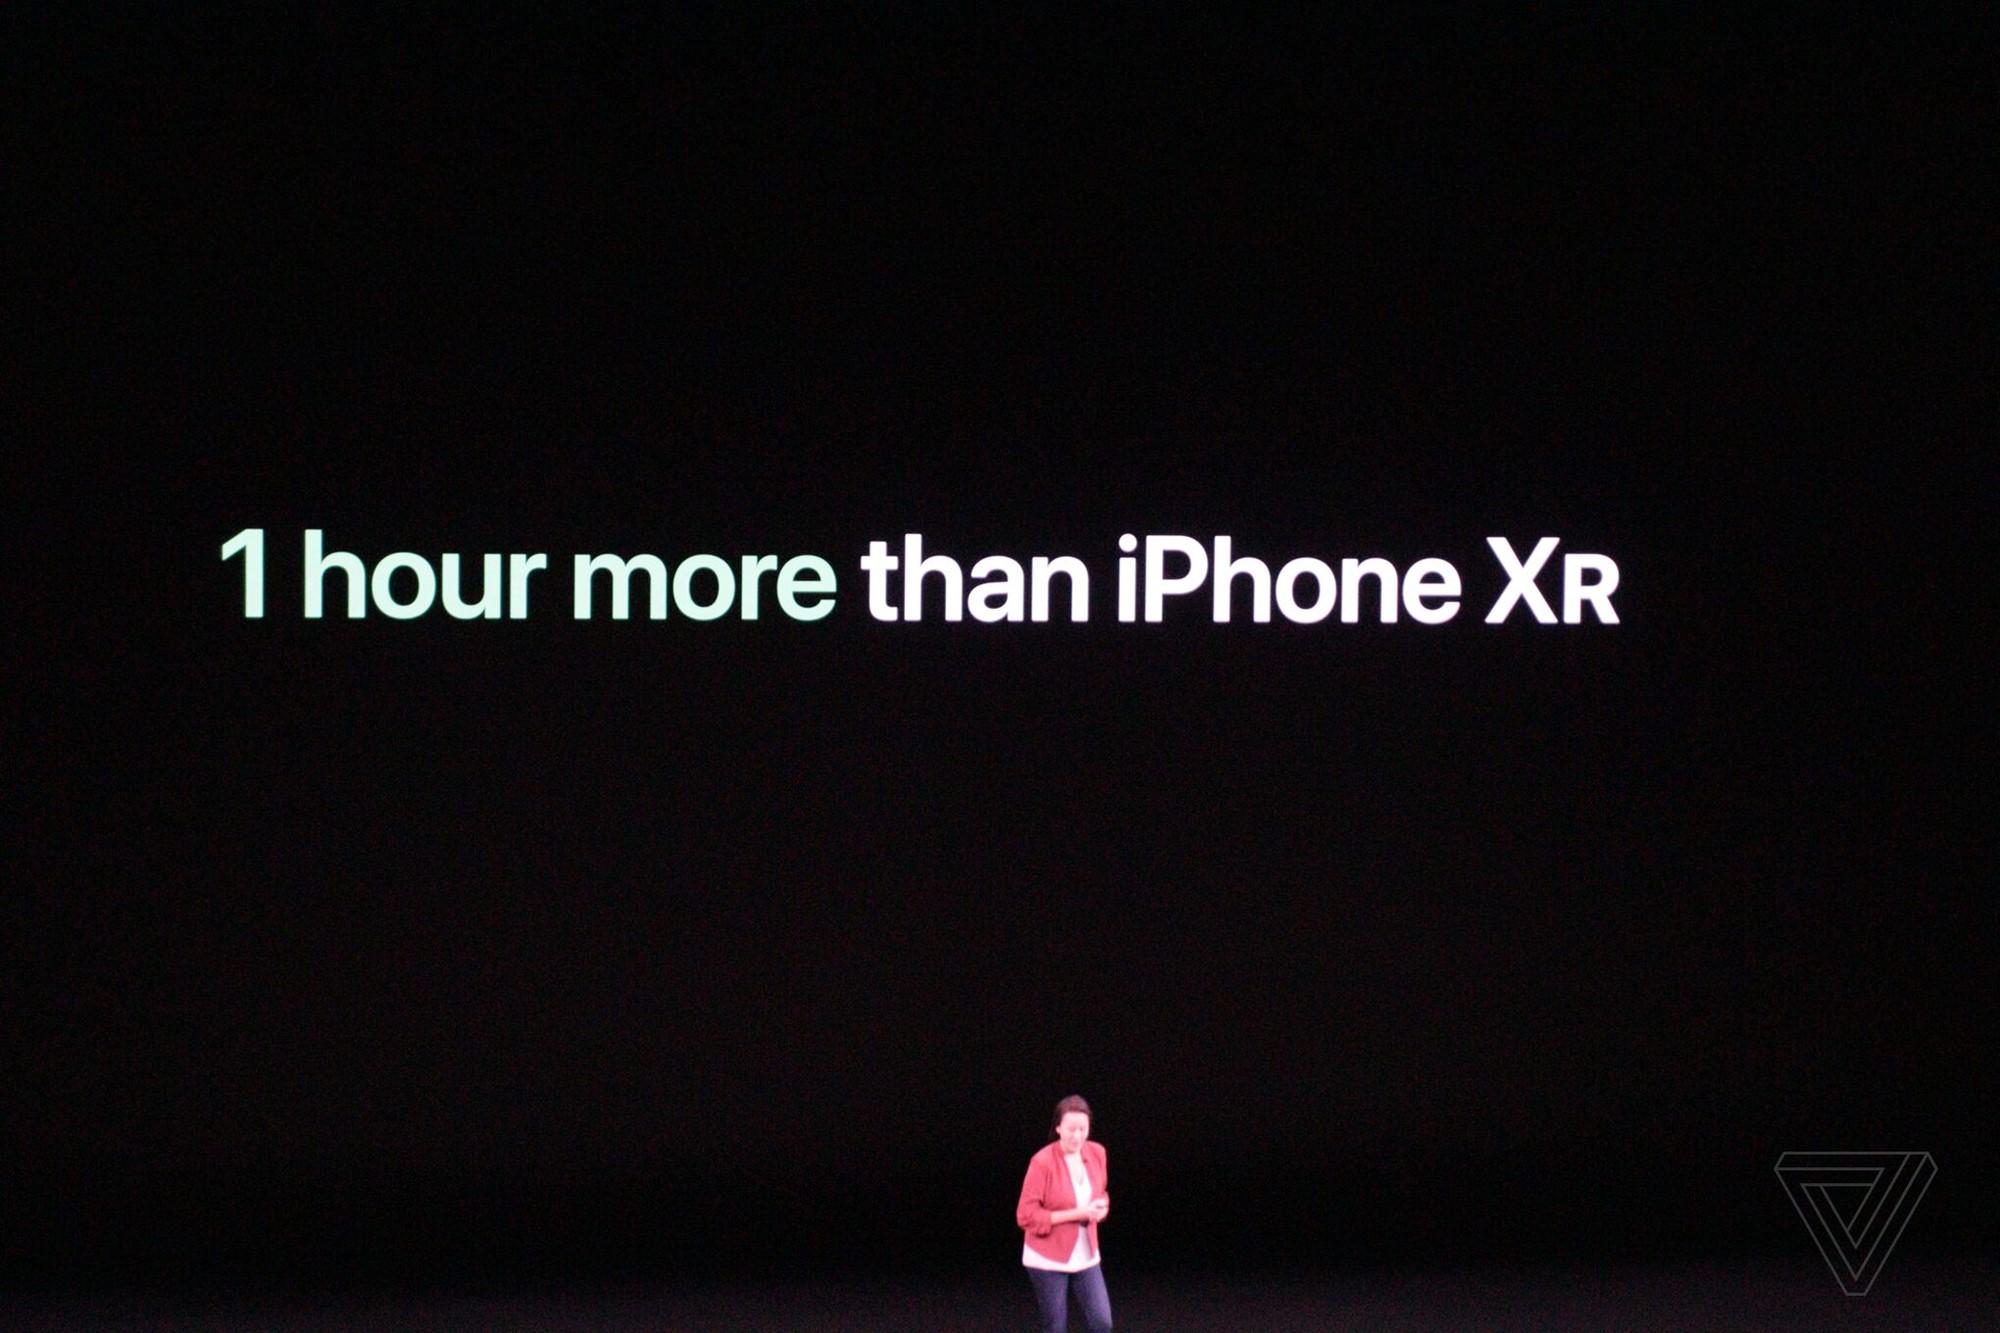 lcimg-08288e64-f291-48c2-93d8-a37ef743155d Sự kiện công bố Apple iPhone 11 mới: Camera góc siêu rộng 120 độ, pin lớn hơn tới 5h so với iPhone XR, giá chỉ từ 699$